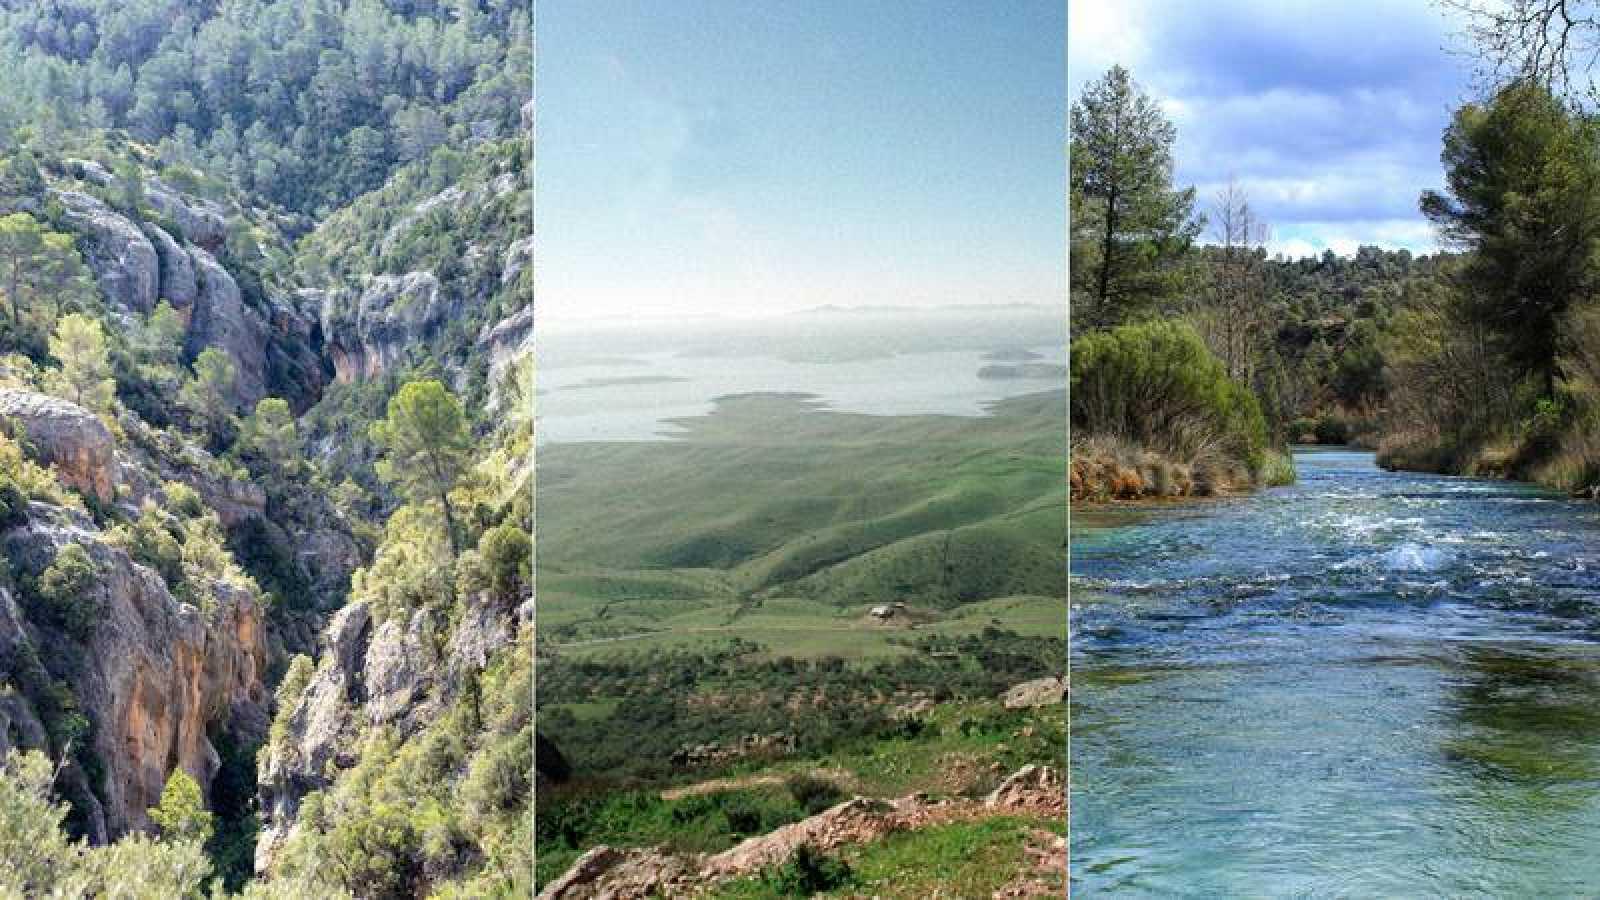 De izquierda a derecha: Alto Turia, SIberia de Extremadura y valle del Cabriel.